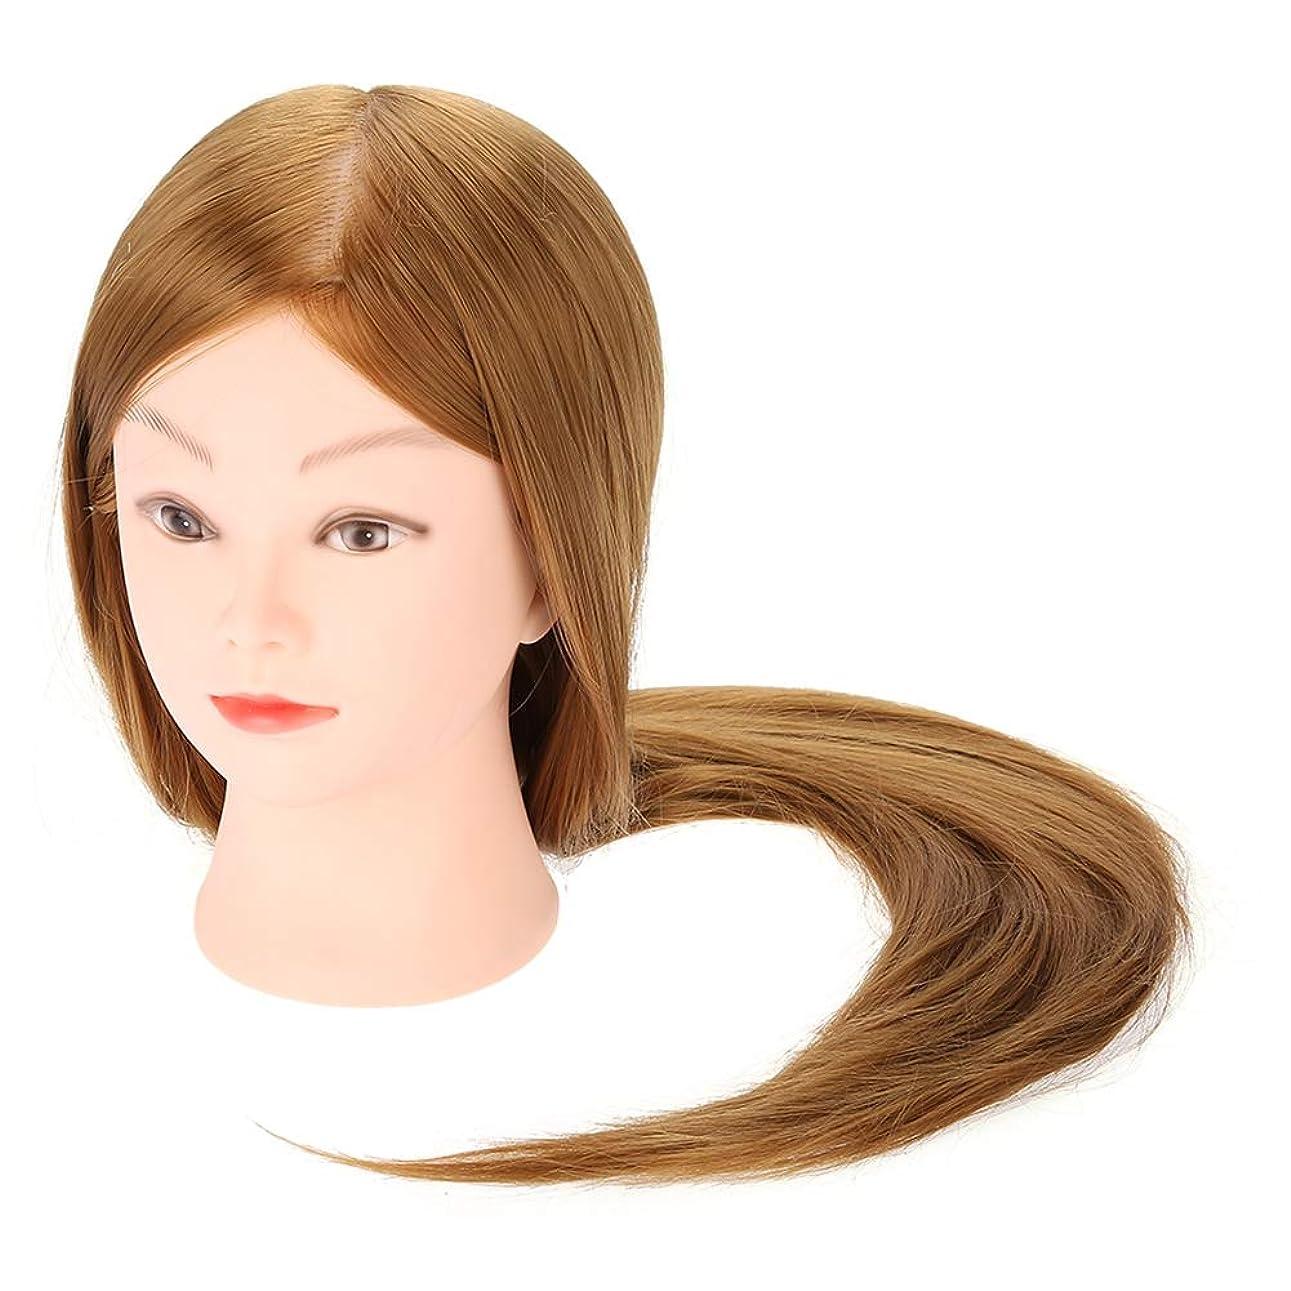 植物の処分したゲインセイヘアトレーニングヘッド、 ヘアスタイリング 美容練習用ヘアスタイリングプラクティス ヘアドレッシング かつらマネキン